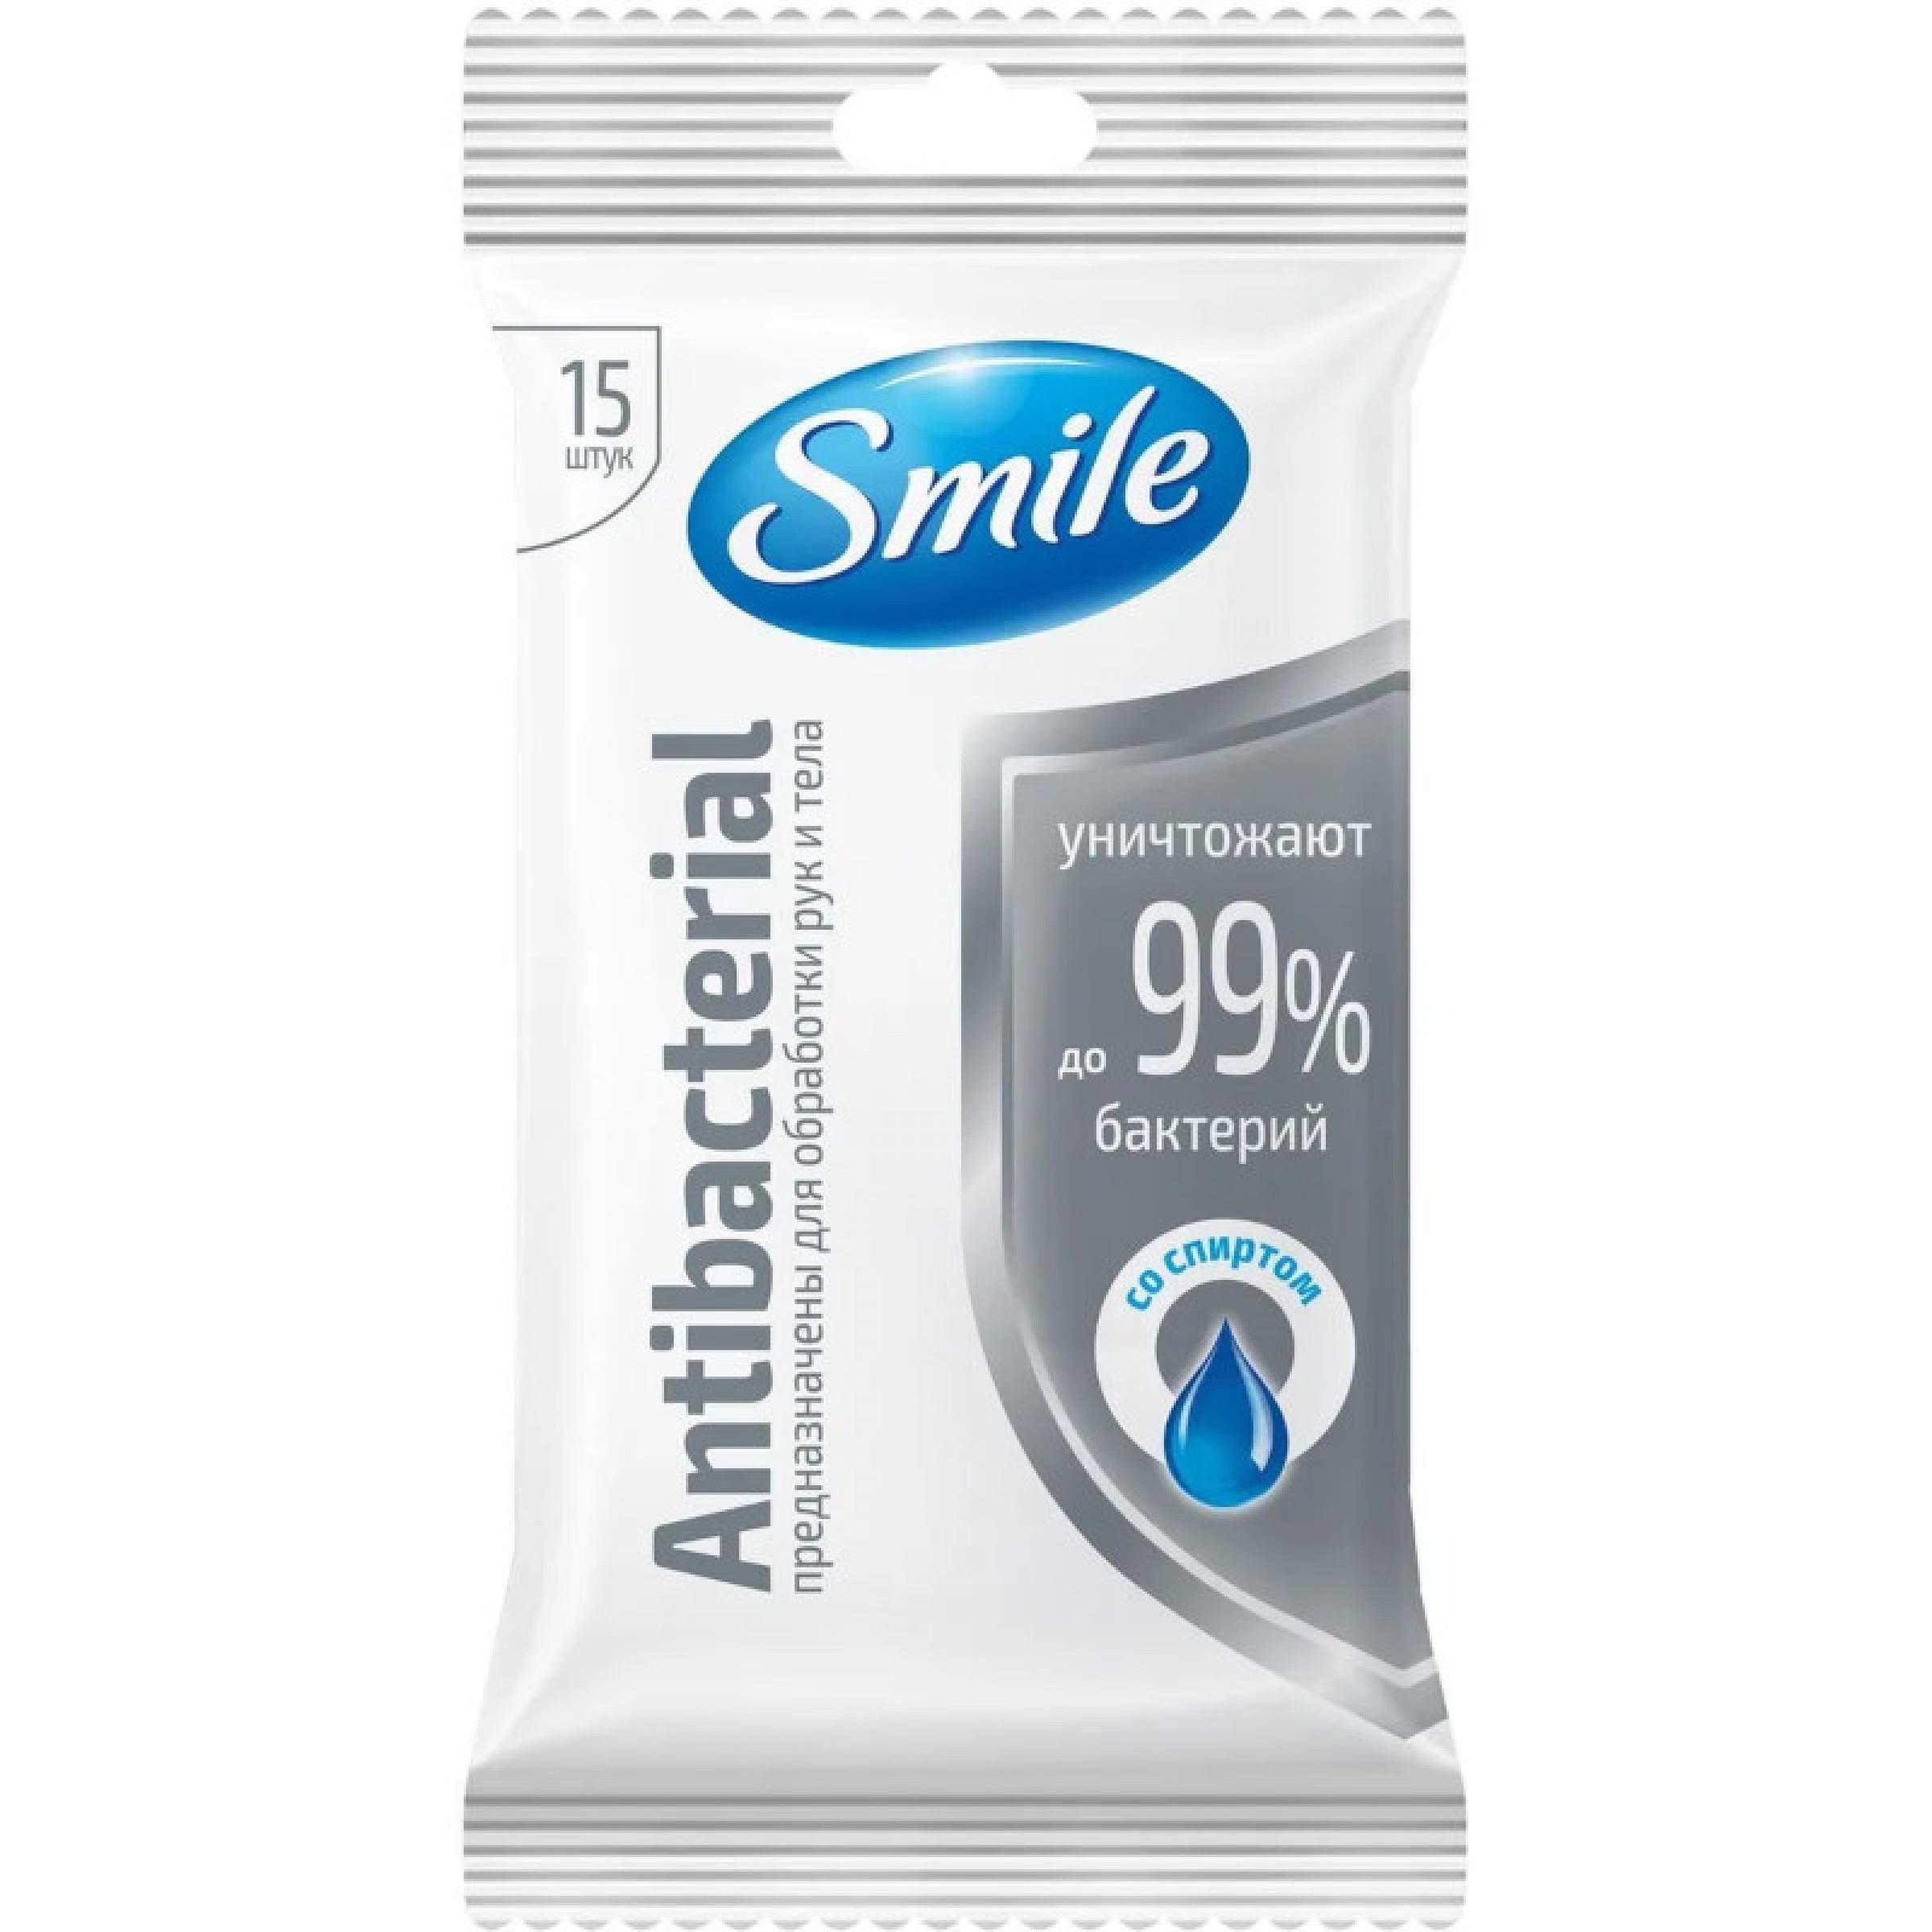 Салфетки влажные SMILE Антибактериальные со спиртом, 15 шт